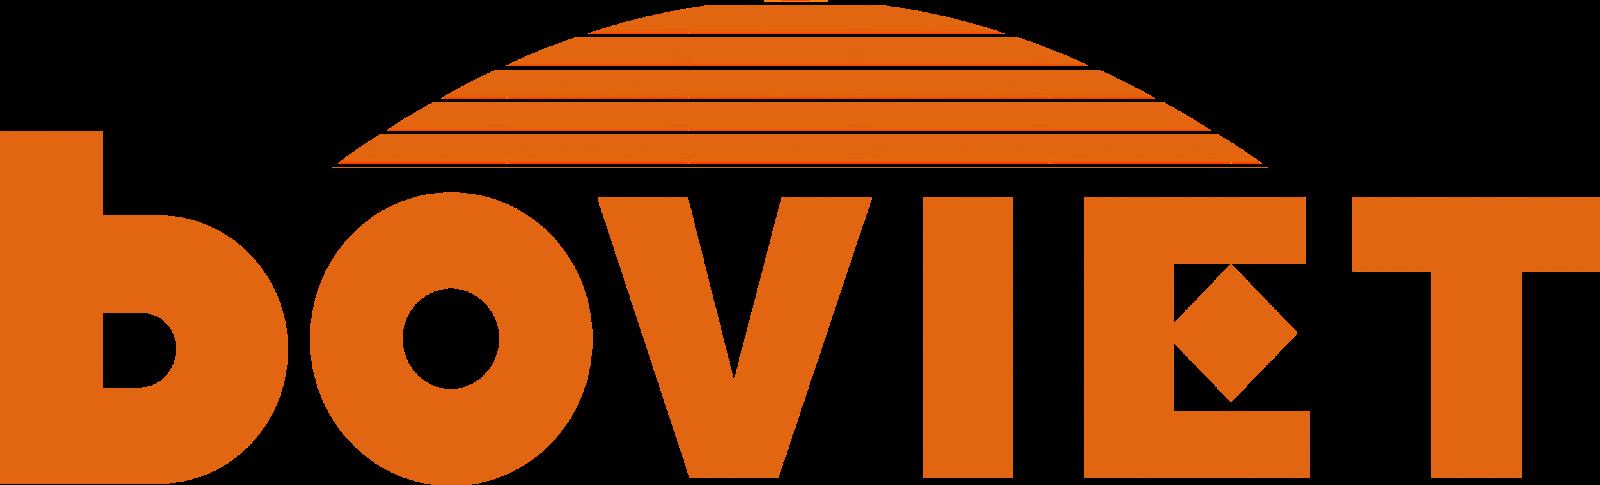 Afbeeldingsresultaat voor boviet logo